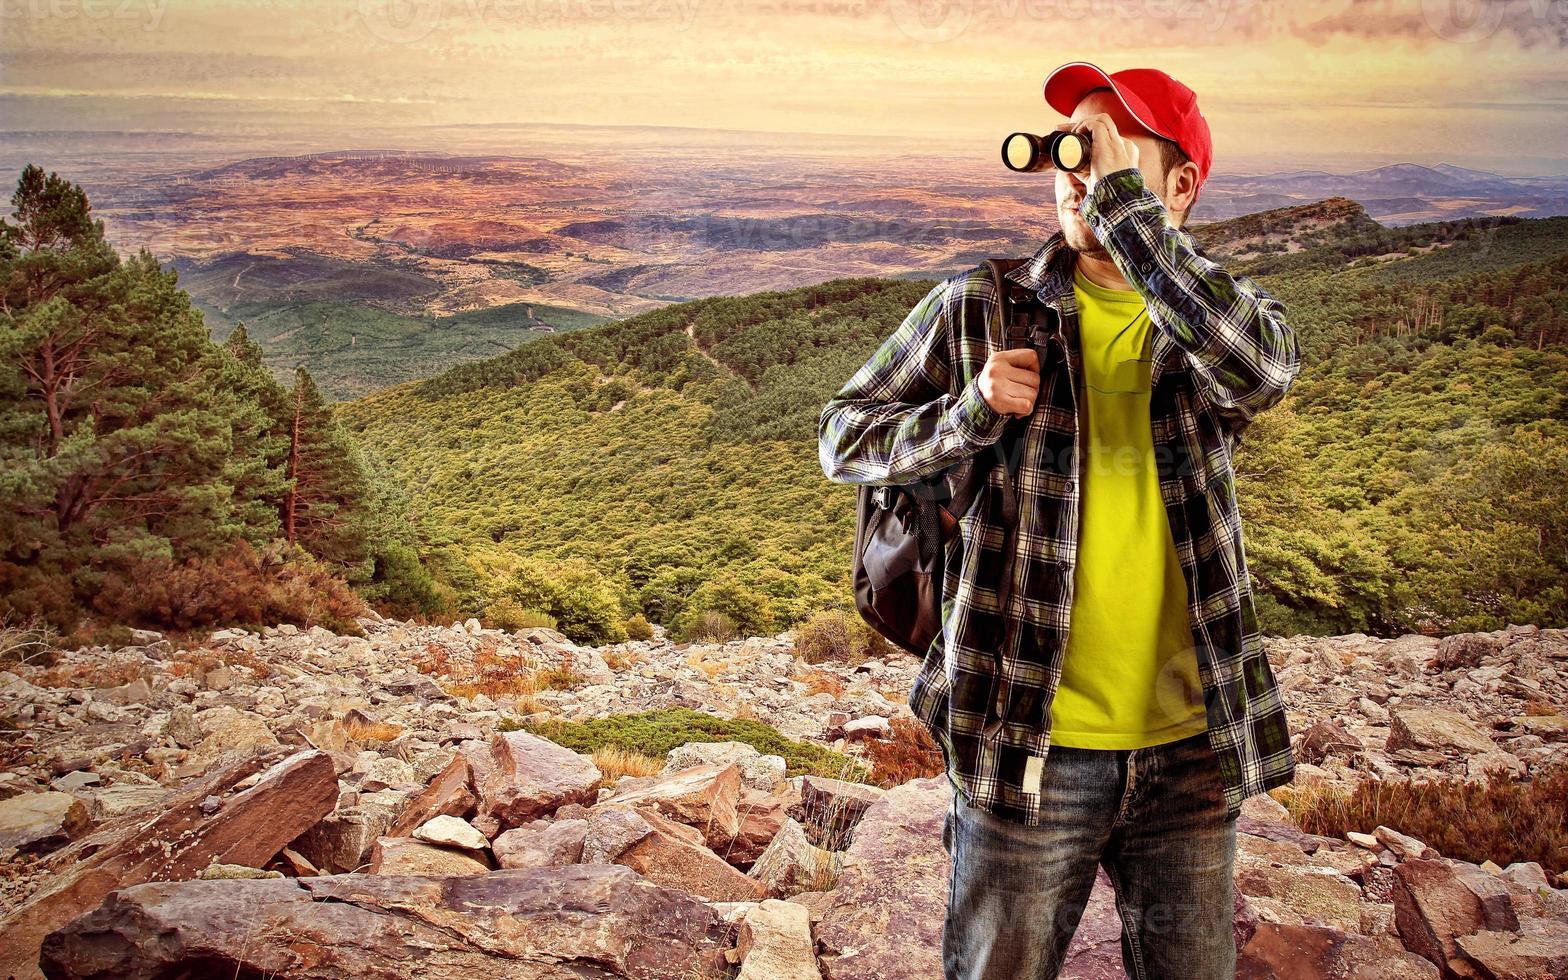 viajante masculino foto